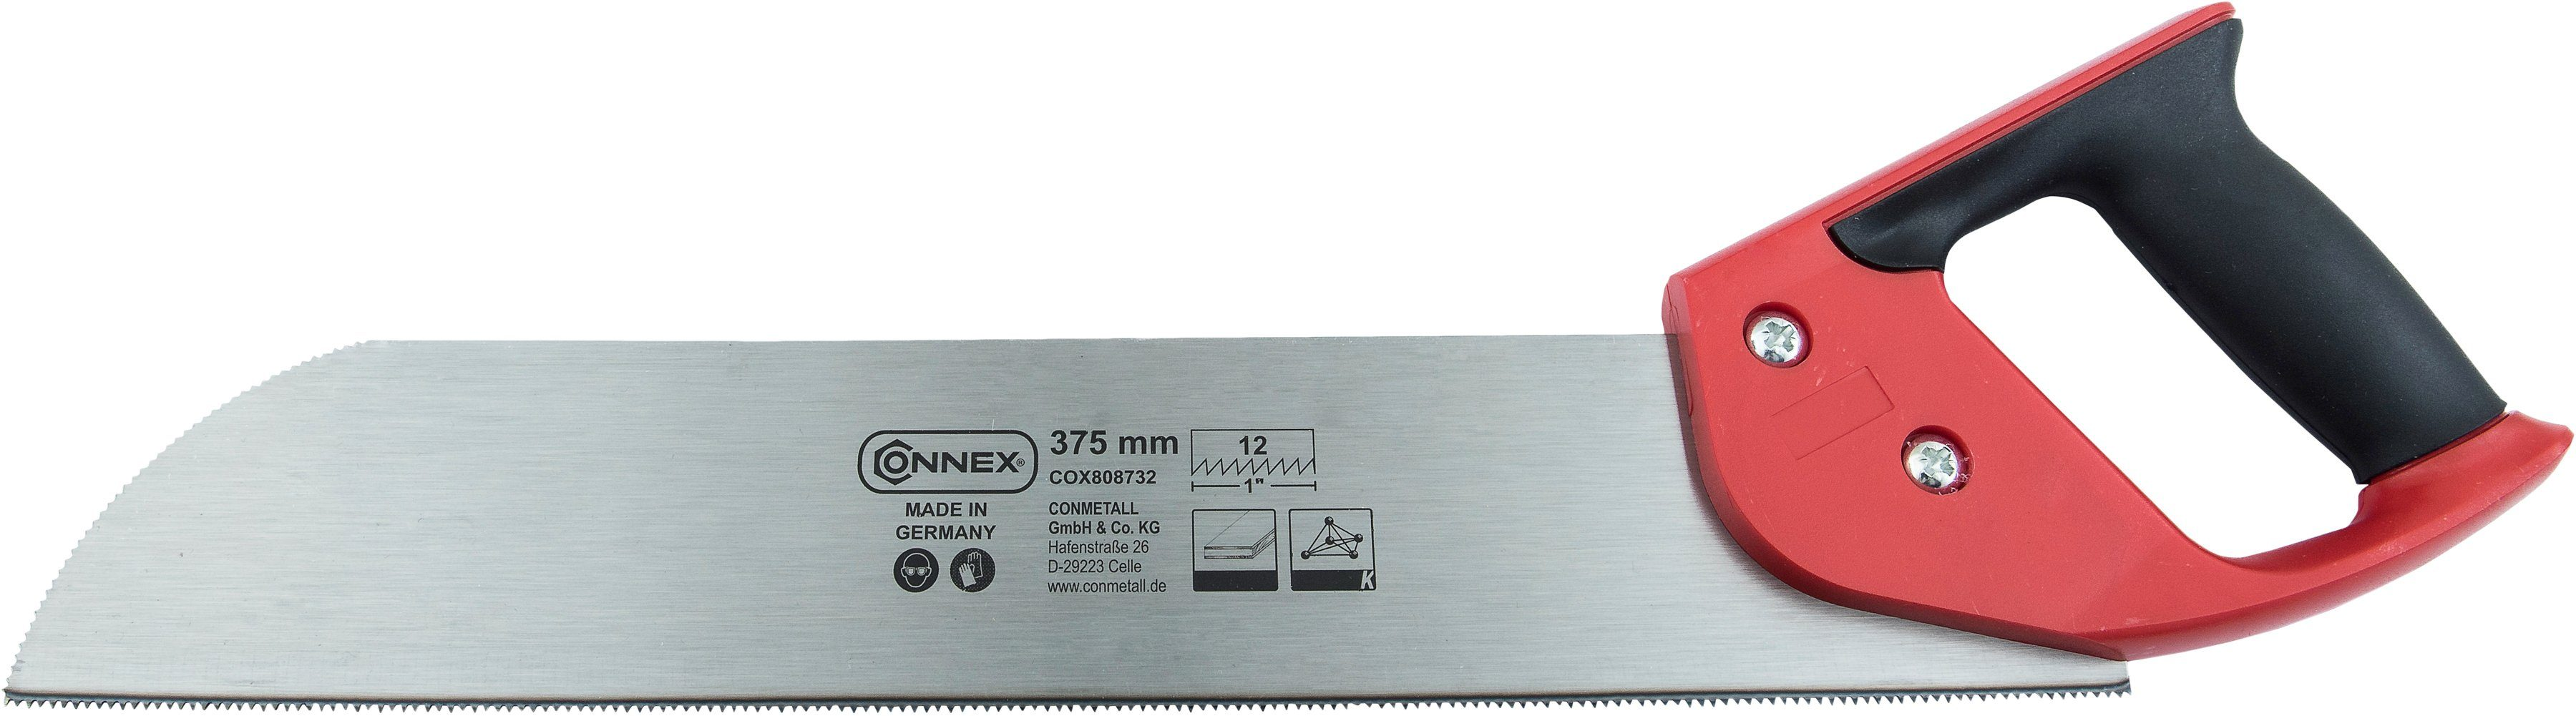 CONNEX Furniersäge »375 mm«